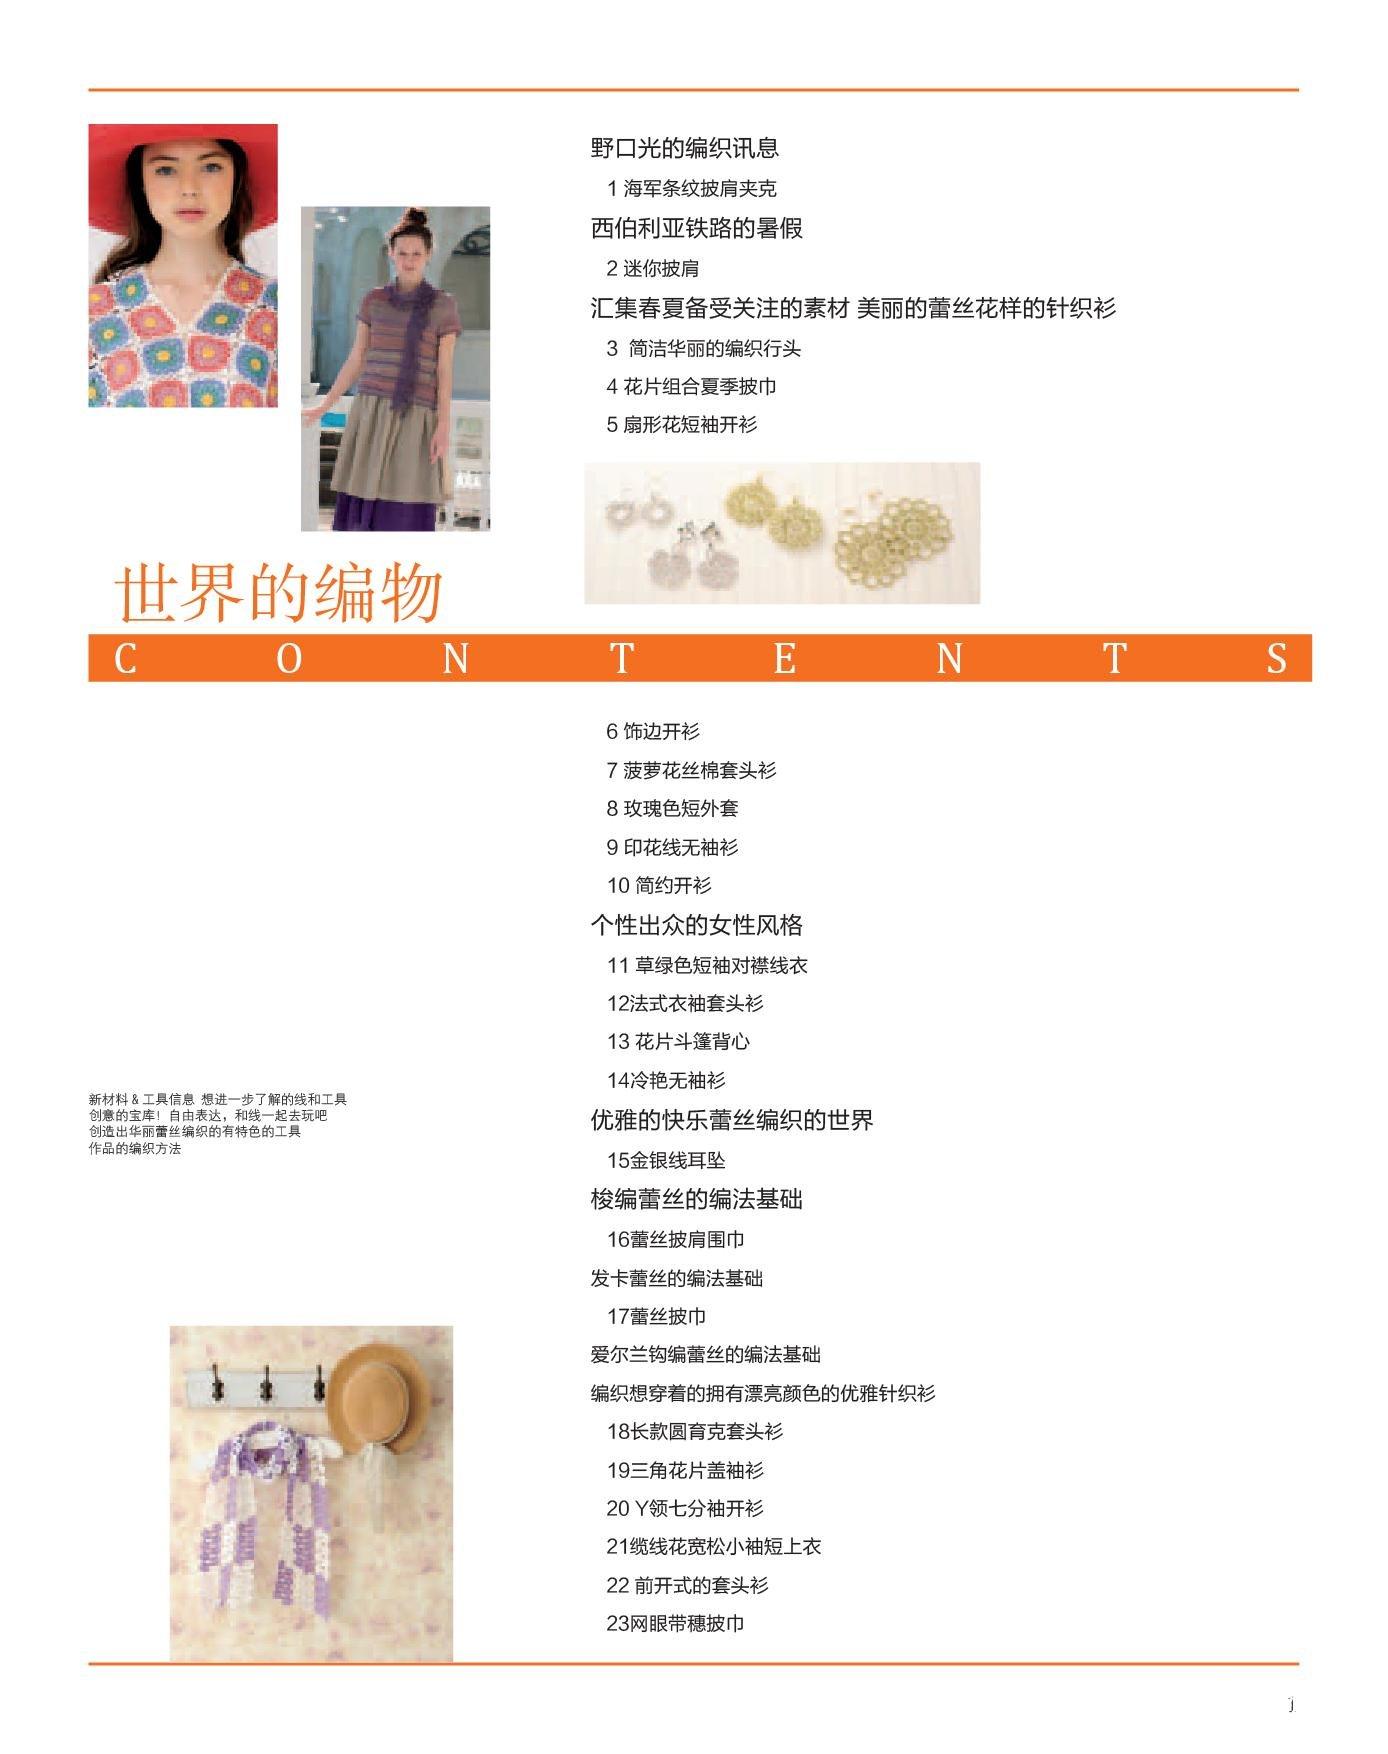 世界编织1 蕾丝编织的美丽世界-1.jpg